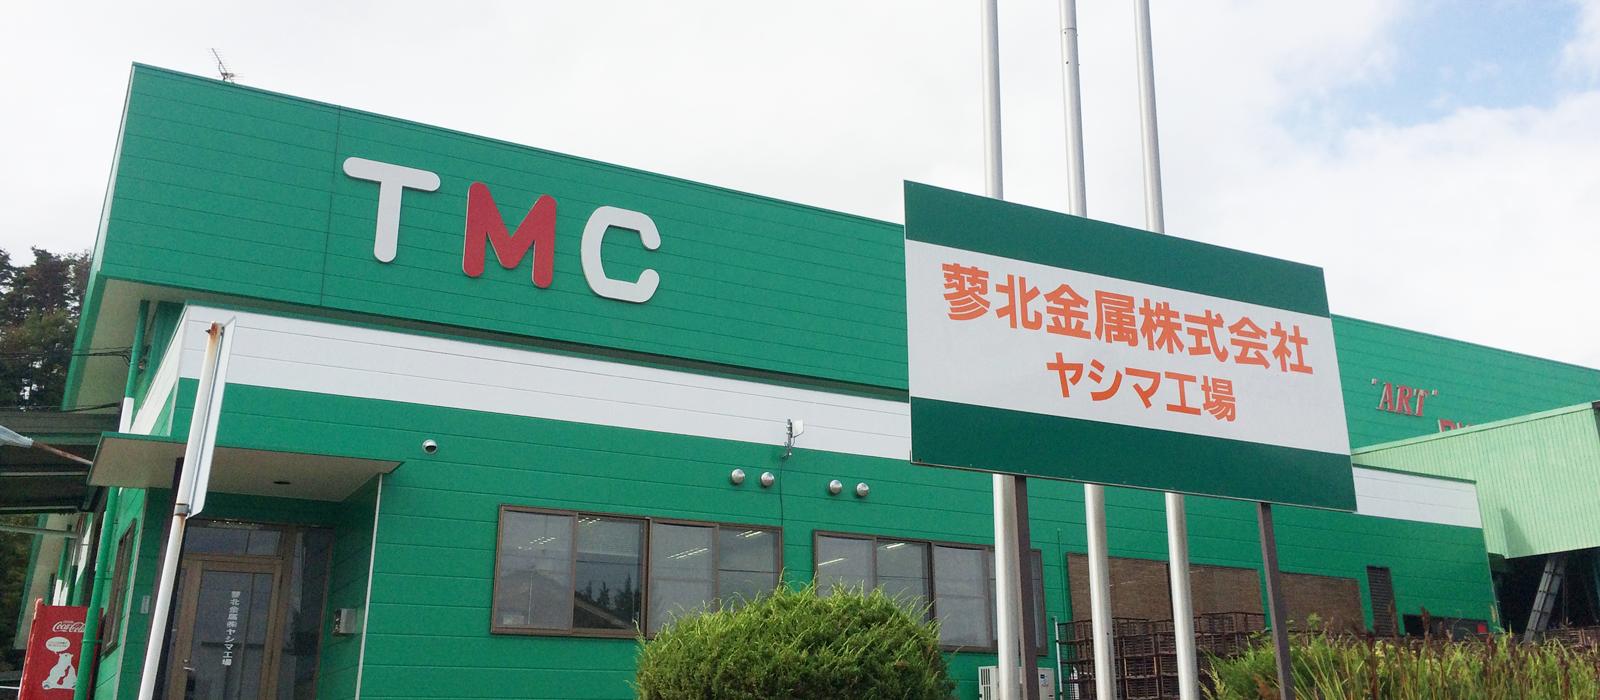 蓼北金属株式会社 ヤシマ工場